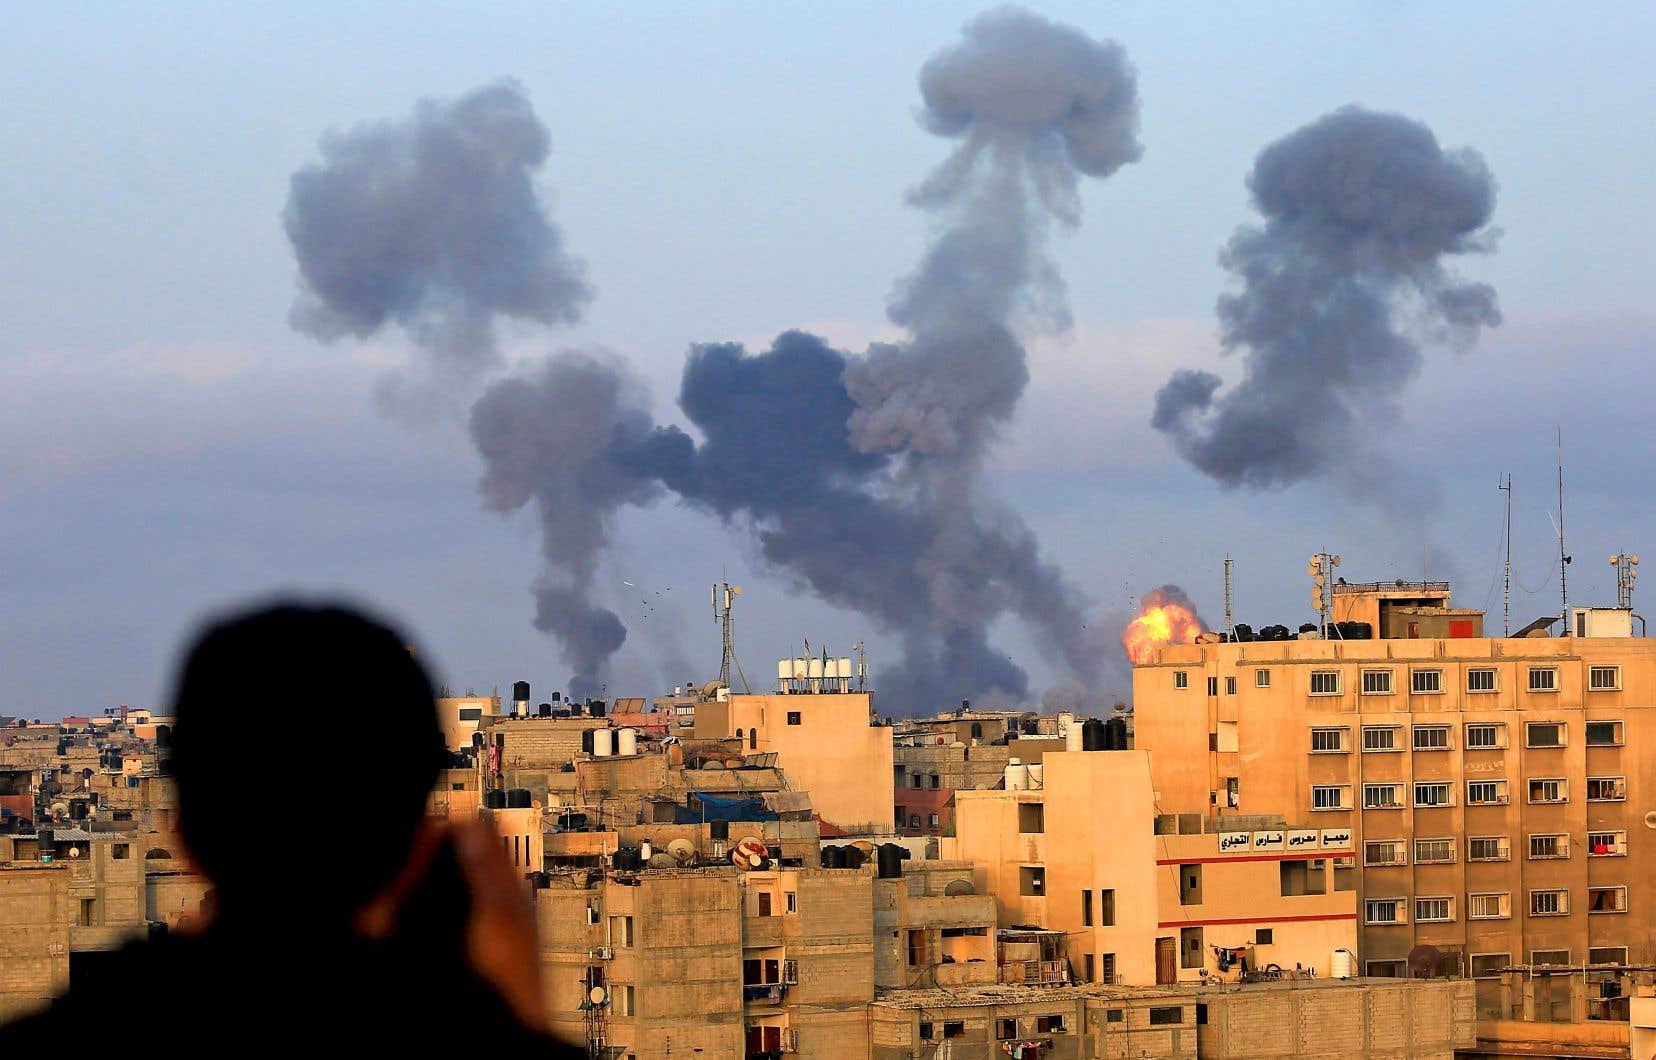 L'escalade militaire s'intensifie entre le Hamas et Israël